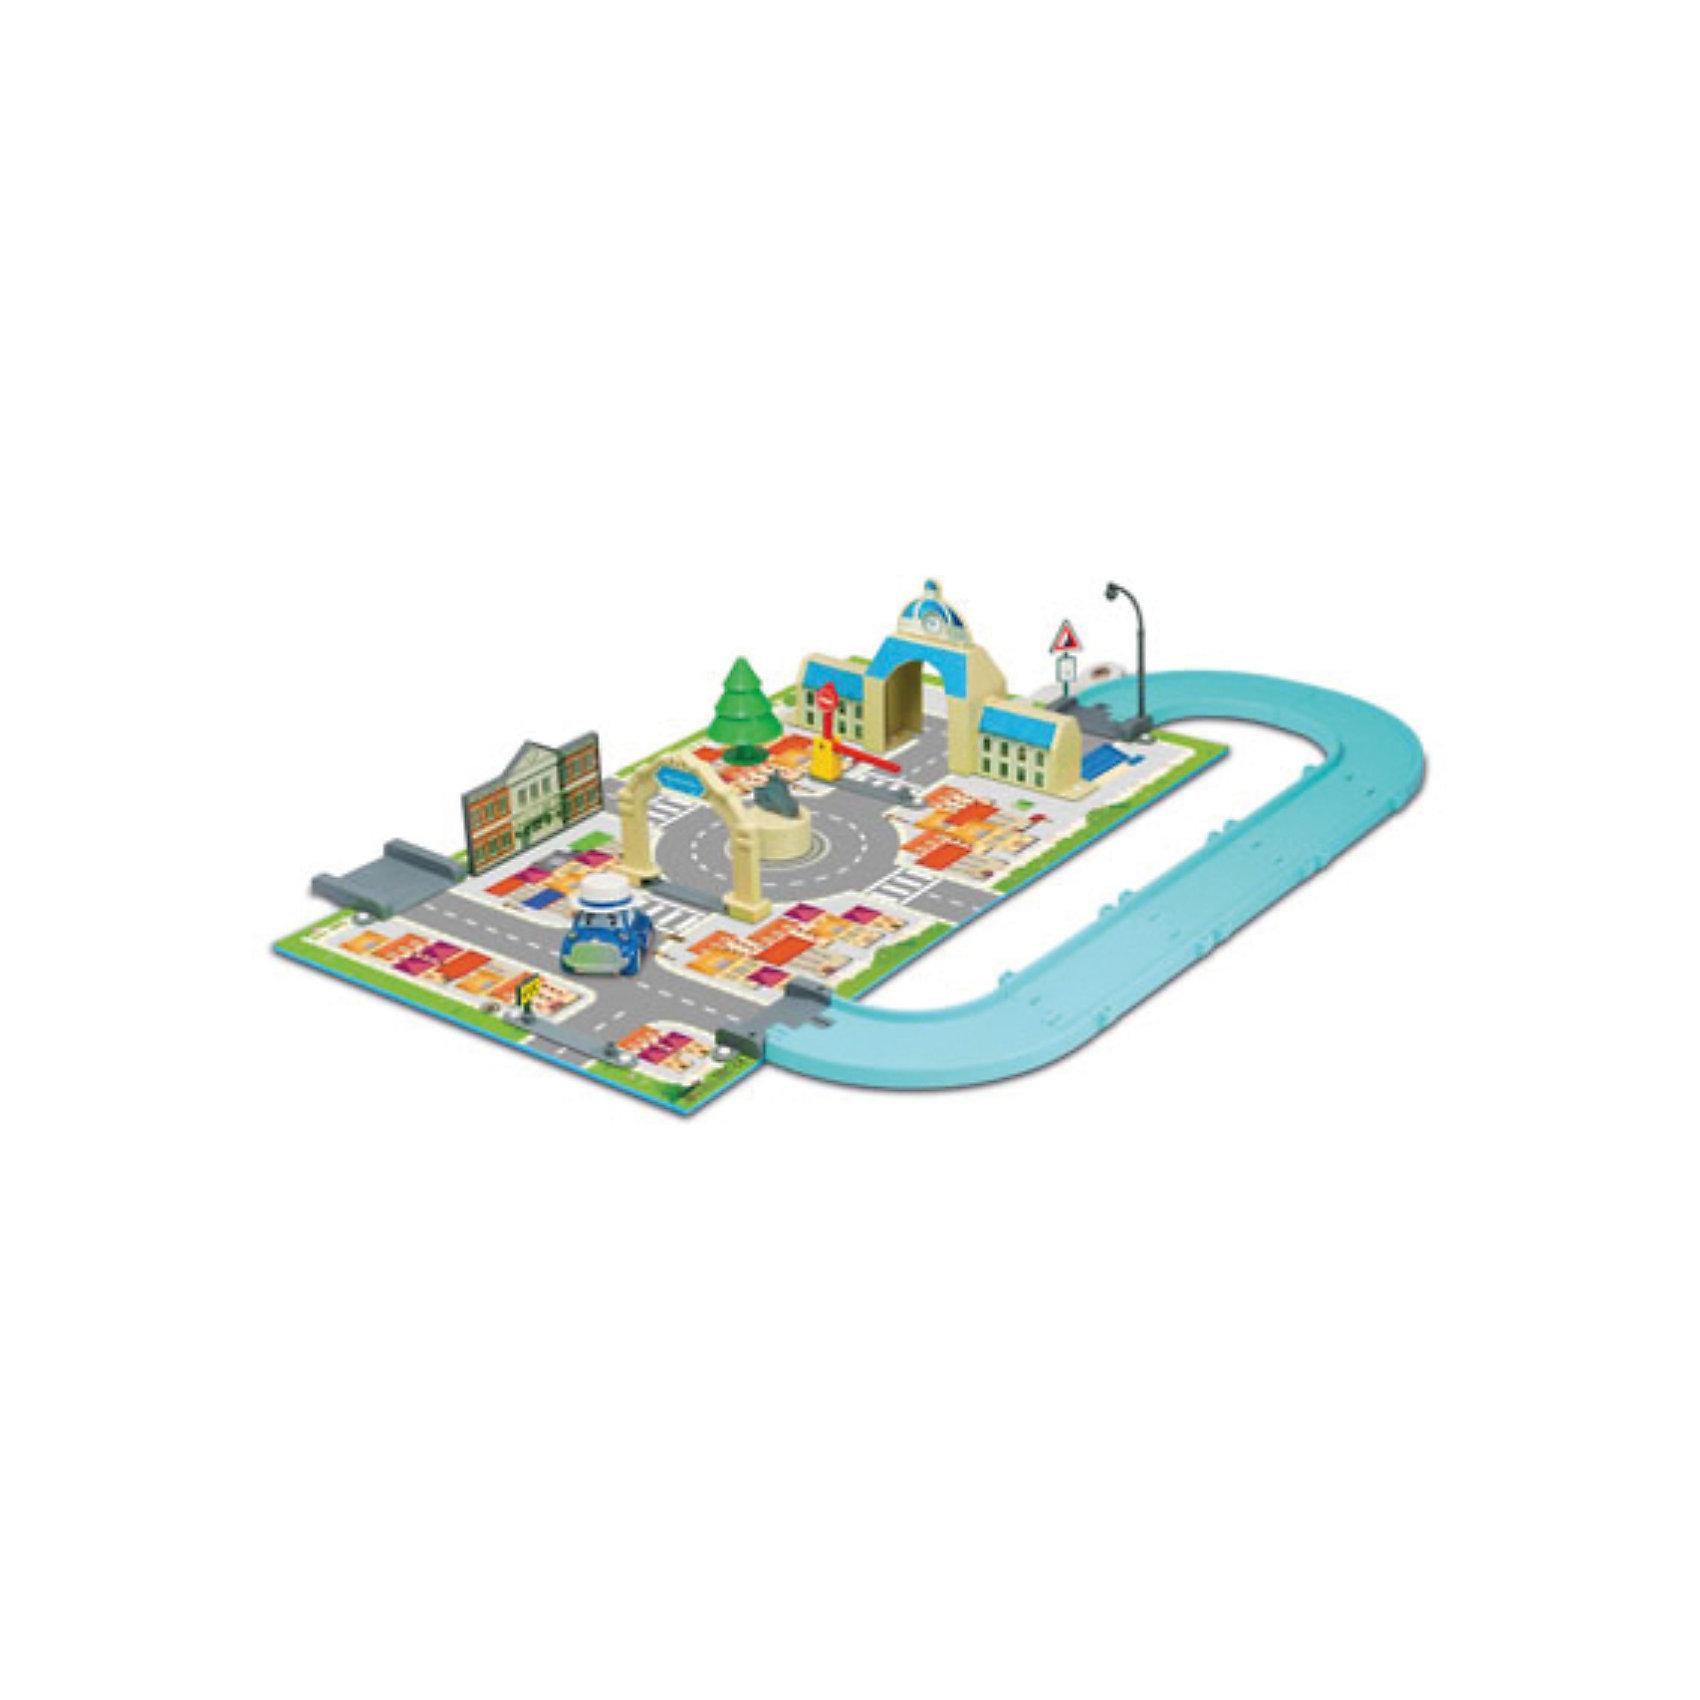 Игровой набор Мэрия, Робокар ПолиИгровой набор Мэрия, Робокар Поли – это восхитительная игрушка по мотивам популярного мультсериала «Робокар Поли и его друзья»  (Robocar Poli).<br>Замечательный игровой набор Мэрия Робокар Поли - представляет собой игровое поле с детально нарисованными дорогами, переходами и городскими пейзажами городка Брумстаун из популярного мультсериала «Робокар Поли и его друзья». На участке игрушечного города есть детально проработанное здание городской мэрии, фонарь, шлагбаум, ёлка, дорожные знаки, ворота и многие другие элементы для увлекательной игры. В комплекте - металлическая машинка ретро Мусти. В удивительном городе Брумстаун каждый день что-то происходит. О нём можно посмотреть мультфильм, но, конечно, гораздо интересней создавать события своими руками. Со временем свой город Брумстаун малыш сможет населить и другими жителями – автомобильчиками, героями мультсериала. <br>Вместе с ребенком Вы сможете также расширить город - покупая другие игровые наборы Робокар Поли. Все они легко стыкуются друг с другом, и получается полноценный многофункциональный город с различными возможностями для сюжетных игр Вашего ребенка. <br>Игры с набором благотворно скажутся на развитии мышления, логики, фантазии, концентрации внимания, мелкой моторики и точности движений. Игрушка изготовлена из высококачественных, безопасных и экологически чистых материалов, использованные красители не токсичны и гипоаллергенны.<br><br>Дополнительная информация:<br><br>- В комплекте: металлическая машинка ретро Мусти<br>- Размер машинки: 6 см.<br>- Материал: пластик<br>- Игровое поле сделано из качественного плотного материала, который не гнётся, не мнётся и не рвётся<br>- Размеры игрового поля: 50х30 см.<br>- Набор легко взять с собой, он собирается в виде небольшого чемоданчика<br>- Размер упаковки: 400х260х60 мм.<br>- Вес: 752 гр.<br><br>Игровой набор Мэрия, Робокар Поли можно купить в нашем интернет-магазине.<br><br>Ширина мм: 400<br>Глубина мм: 260<br>Высота мм: 60<br>